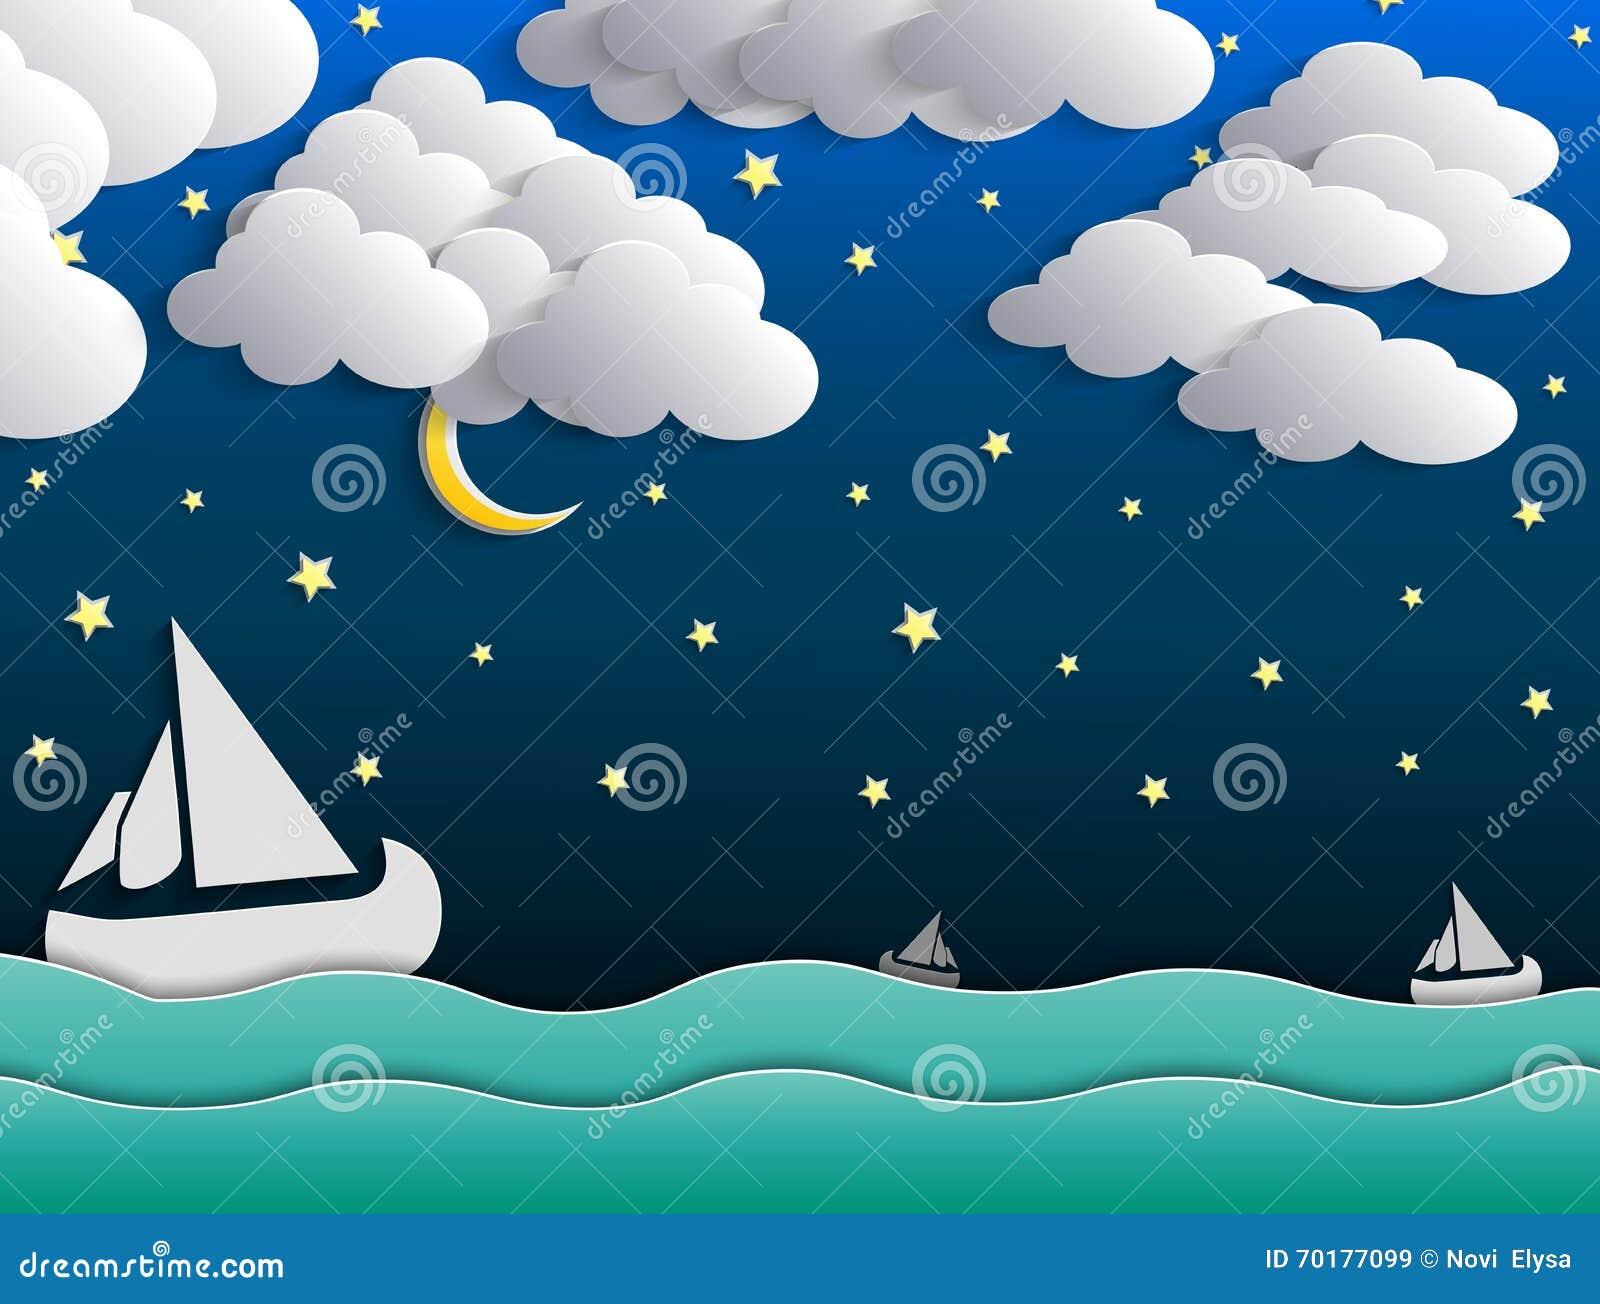 Nattbakgrund, måne, moln och stjärnor på mörker - blå himmel på havet